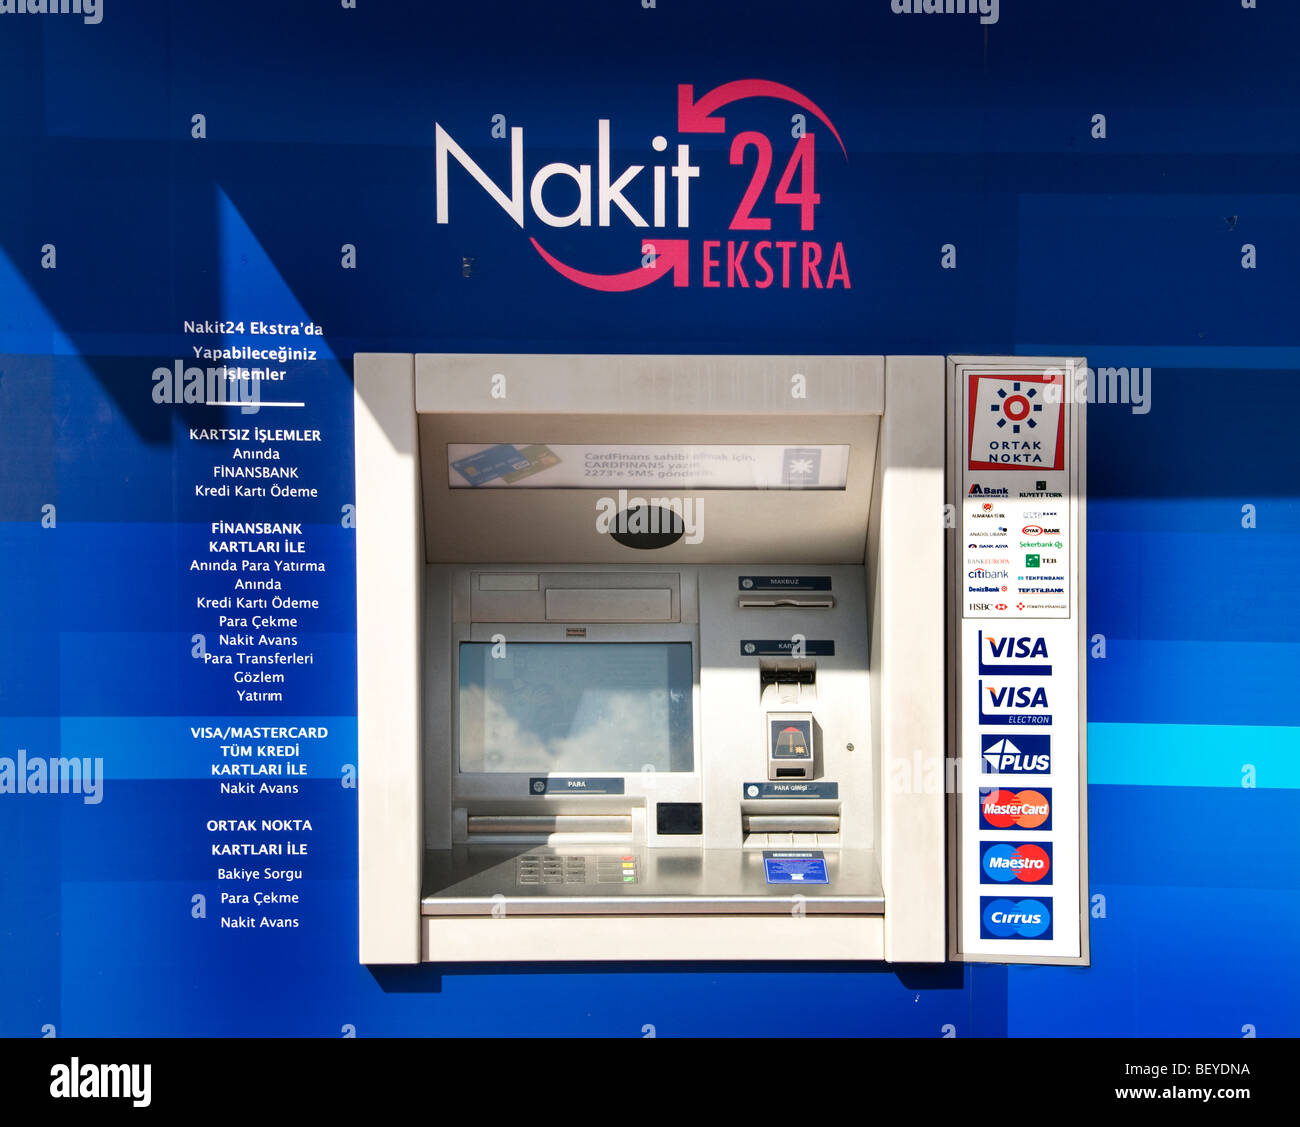 Istanbul Türkei Bank Kreditkarte Geldautomat Garanti HSB Akbank Stockfoto